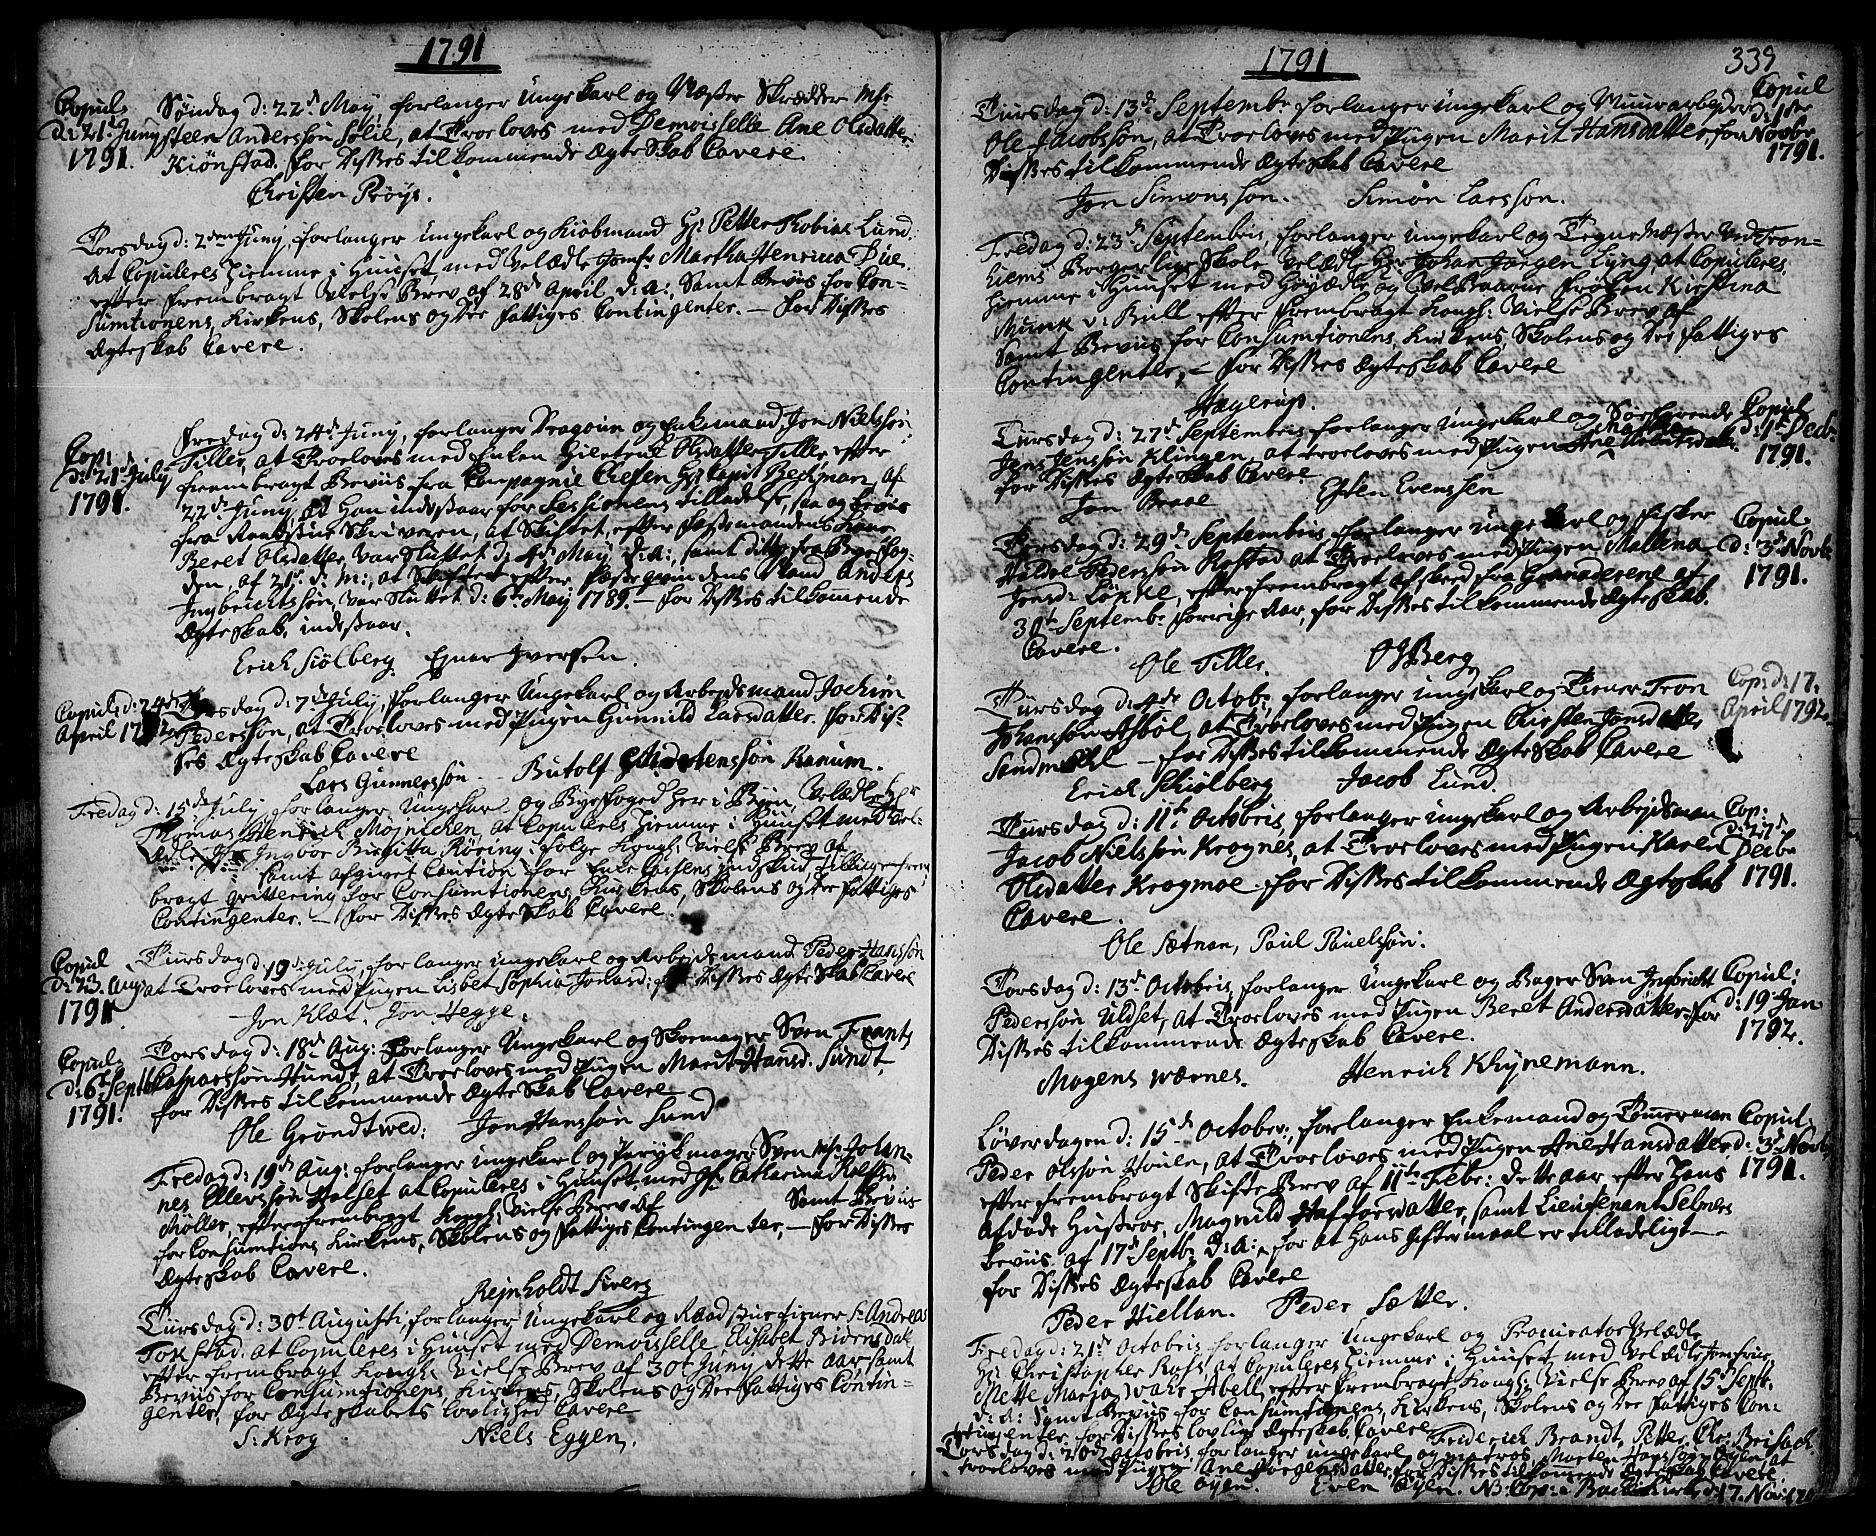 SAT, Ministerialprotokoller, klokkerbøker og fødselsregistre - Sør-Trøndelag, 601/L0038: Ministerialbok nr. 601A06, 1766-1877, s. 339